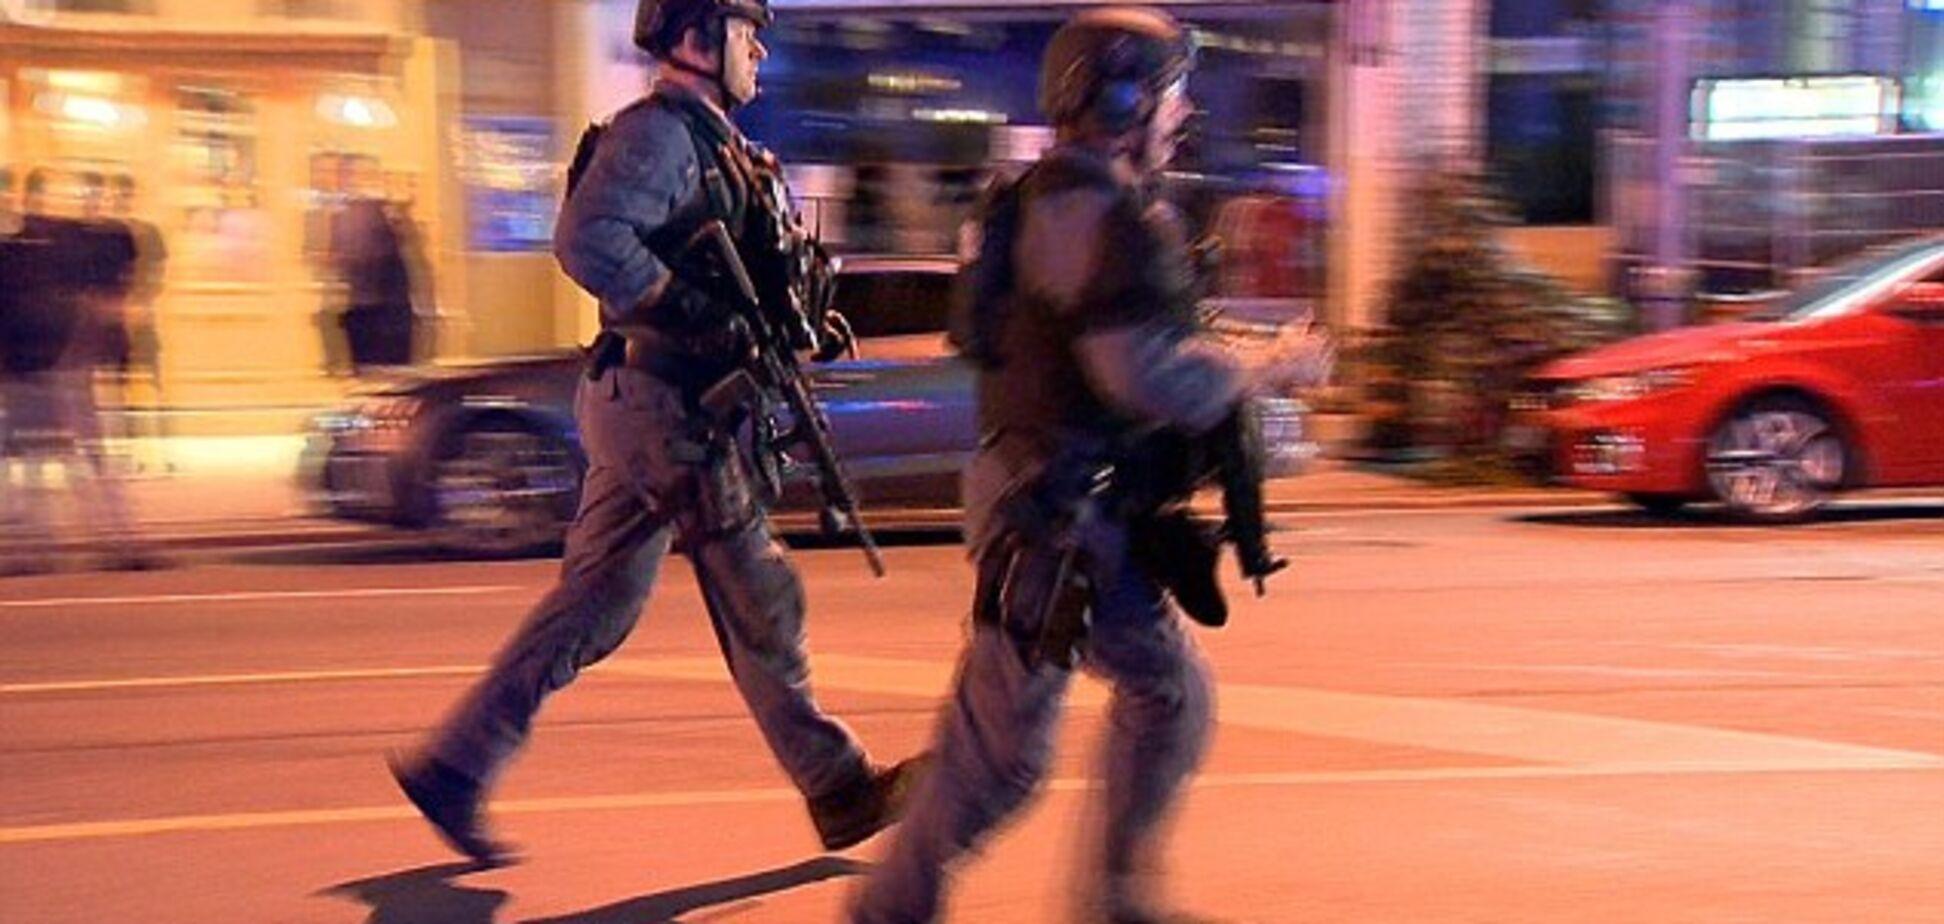 У Торонто невідомий розстріляв людей у торговому центрі